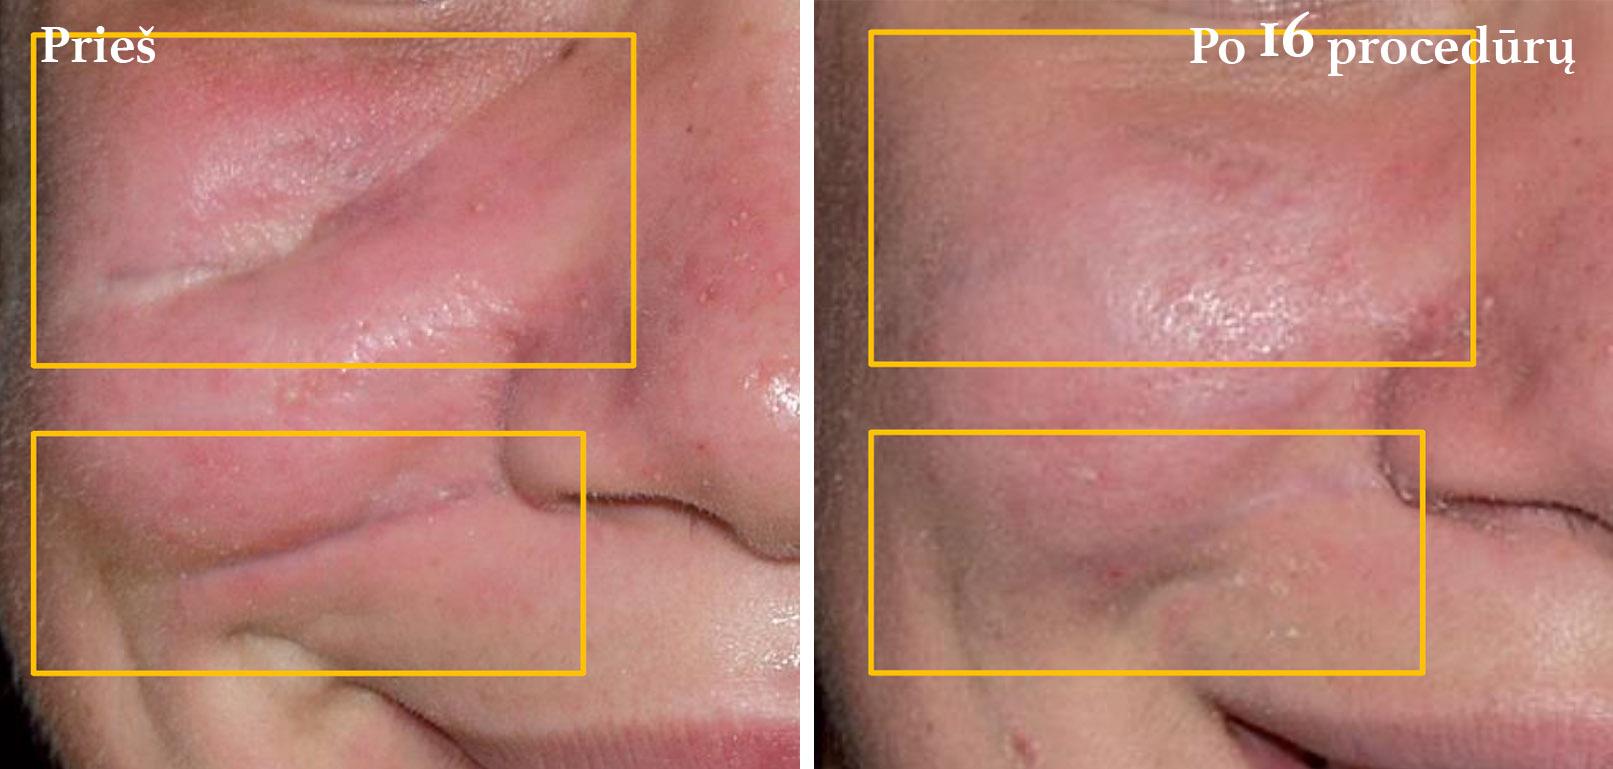 icoone-laser-geriausia-kuno-veido-procedura-gydimas-vilniuje-jauninanti-oda-jauninanti